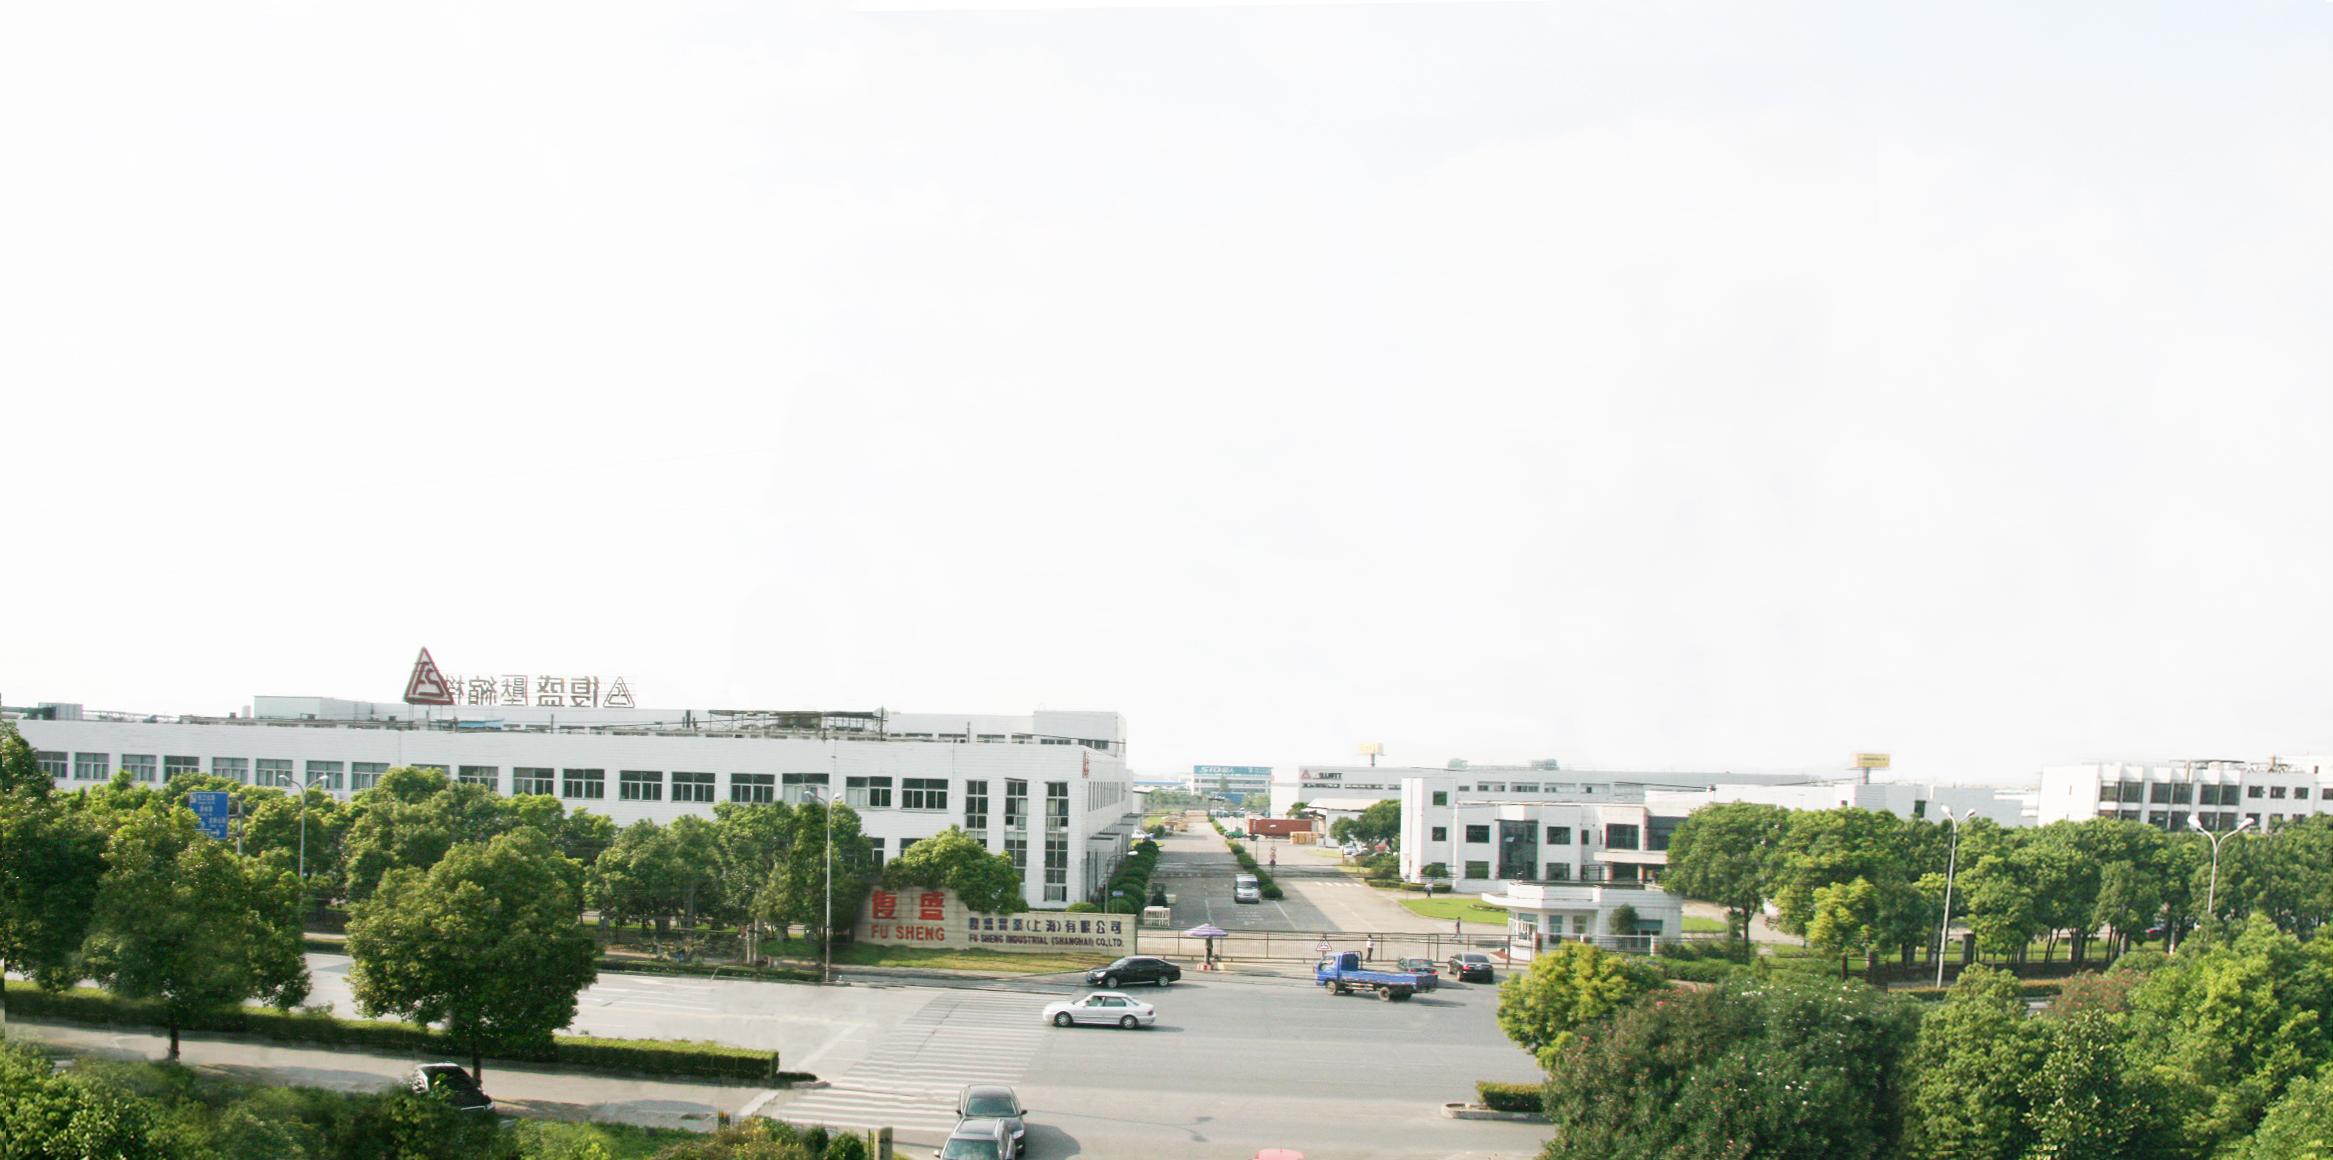 上海厂全景.jpg